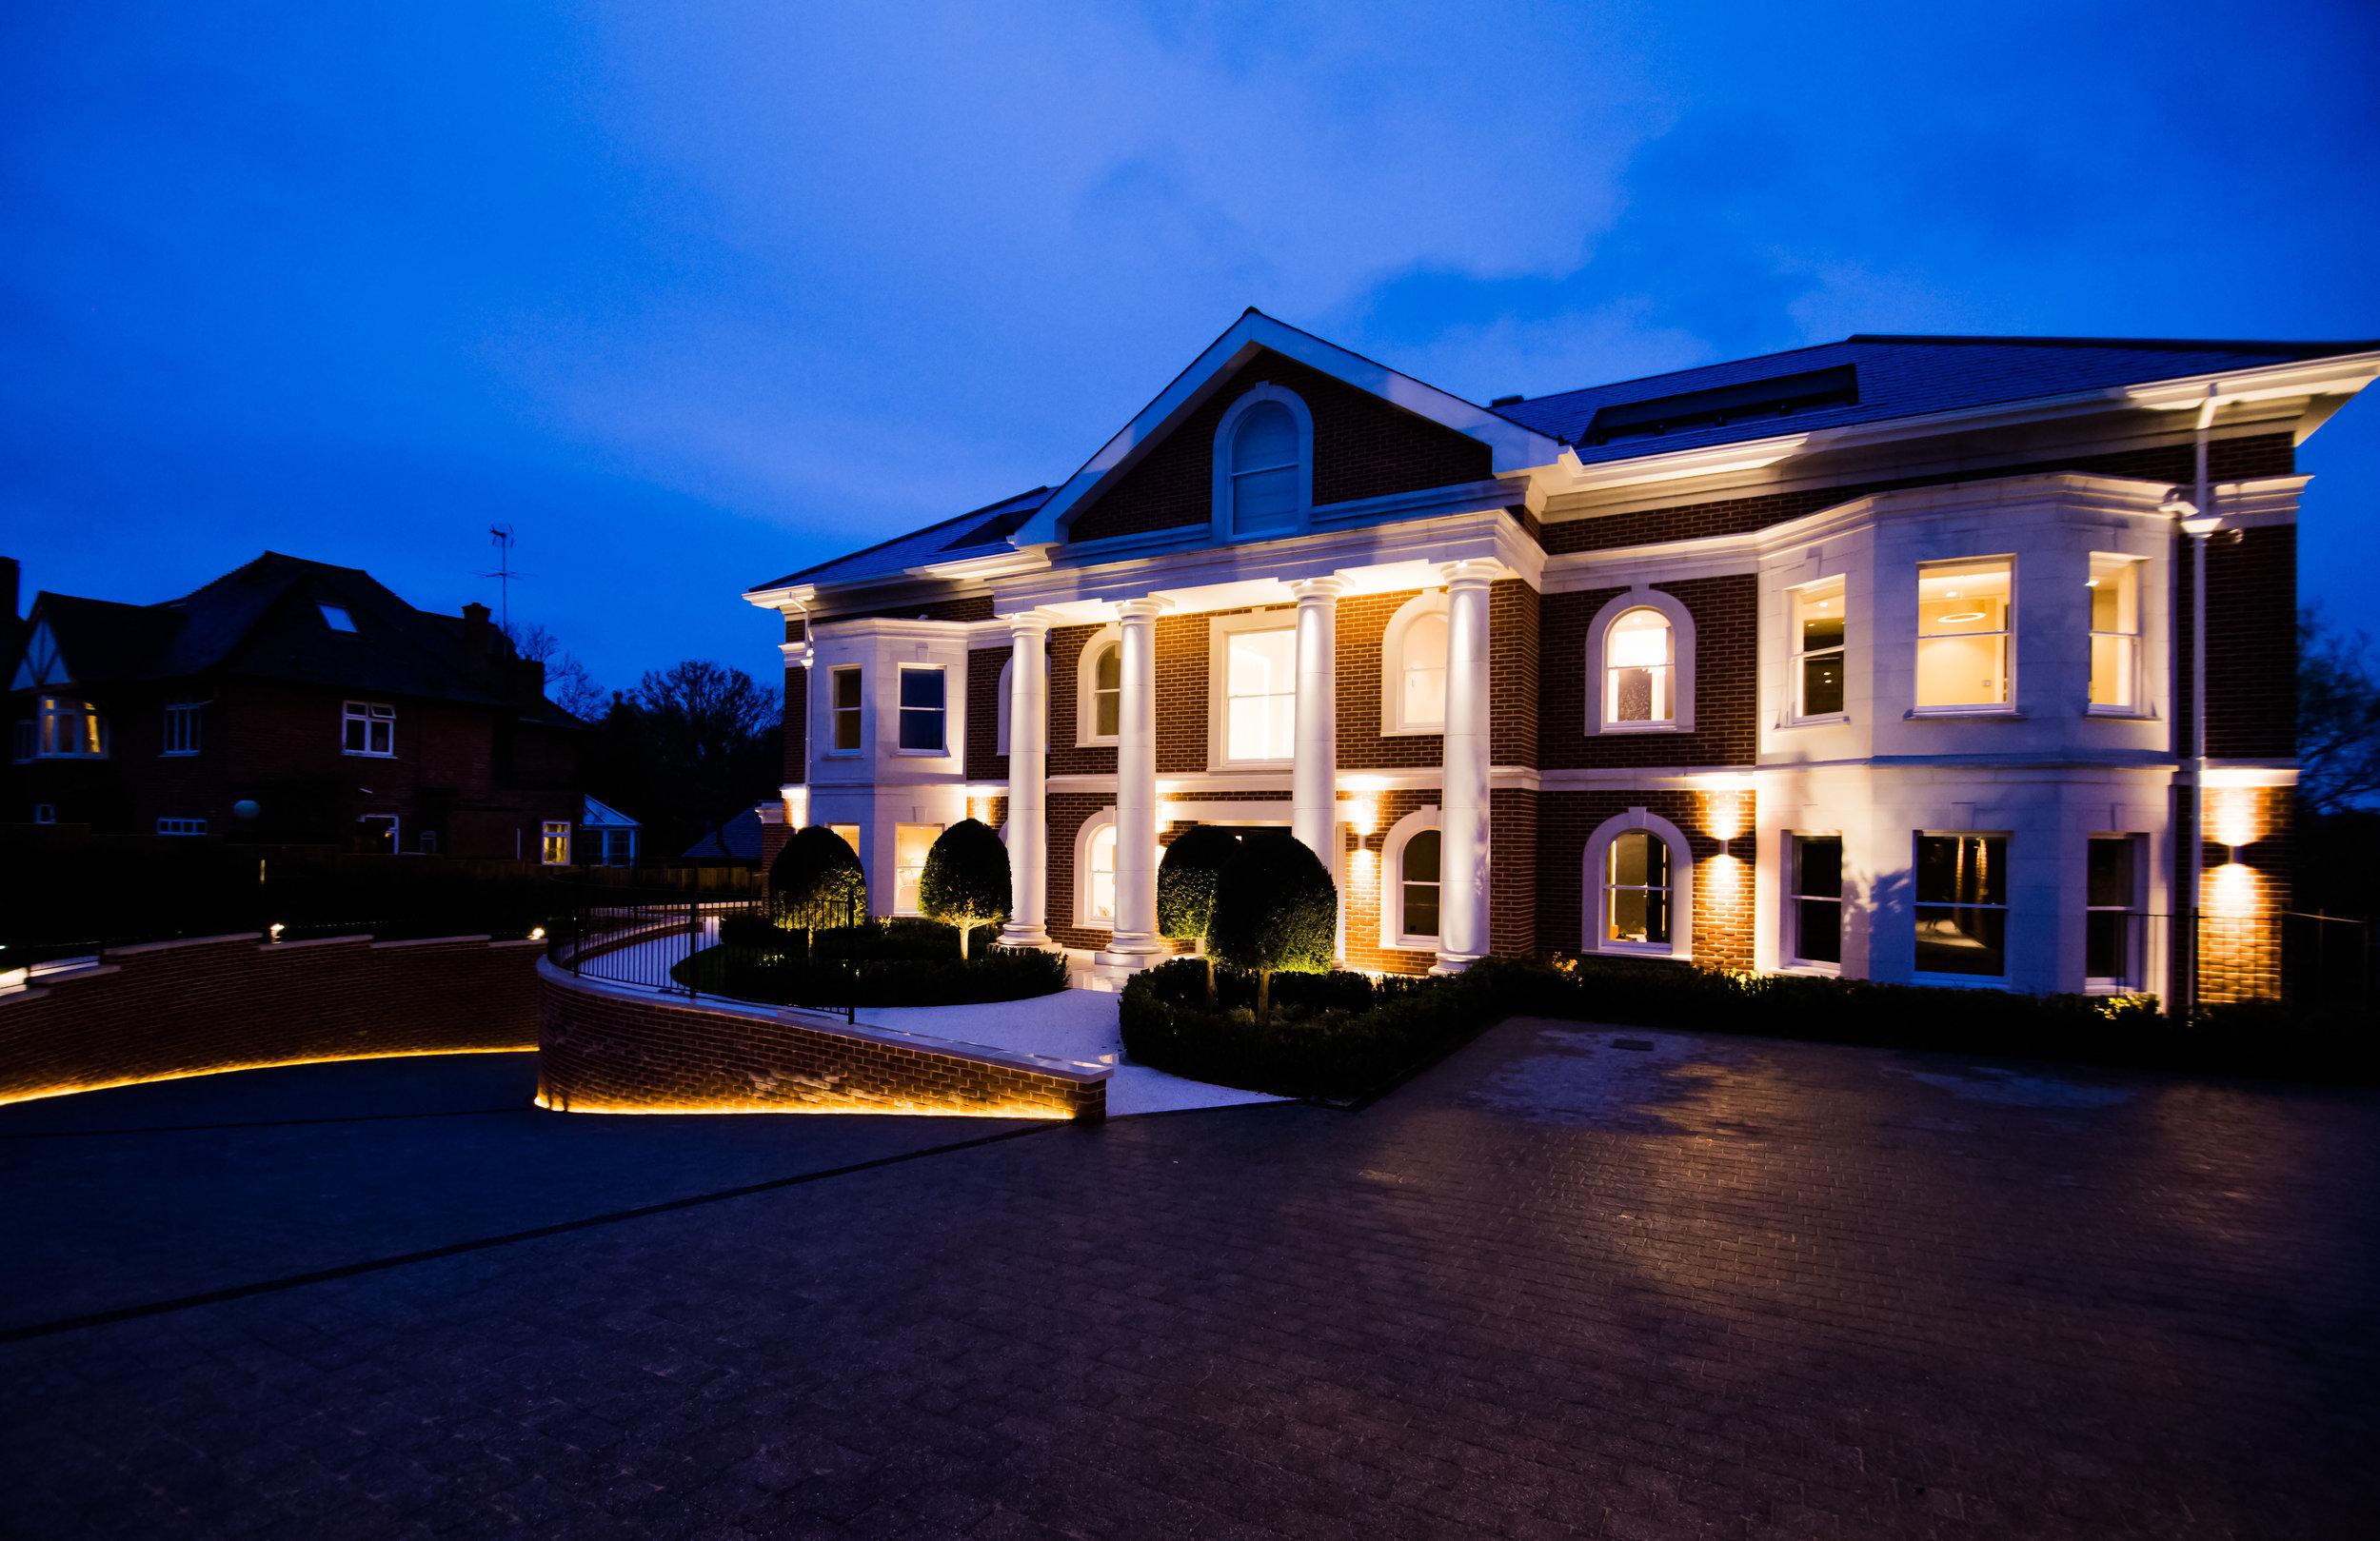 Miram House night shot angle exterior.jpg